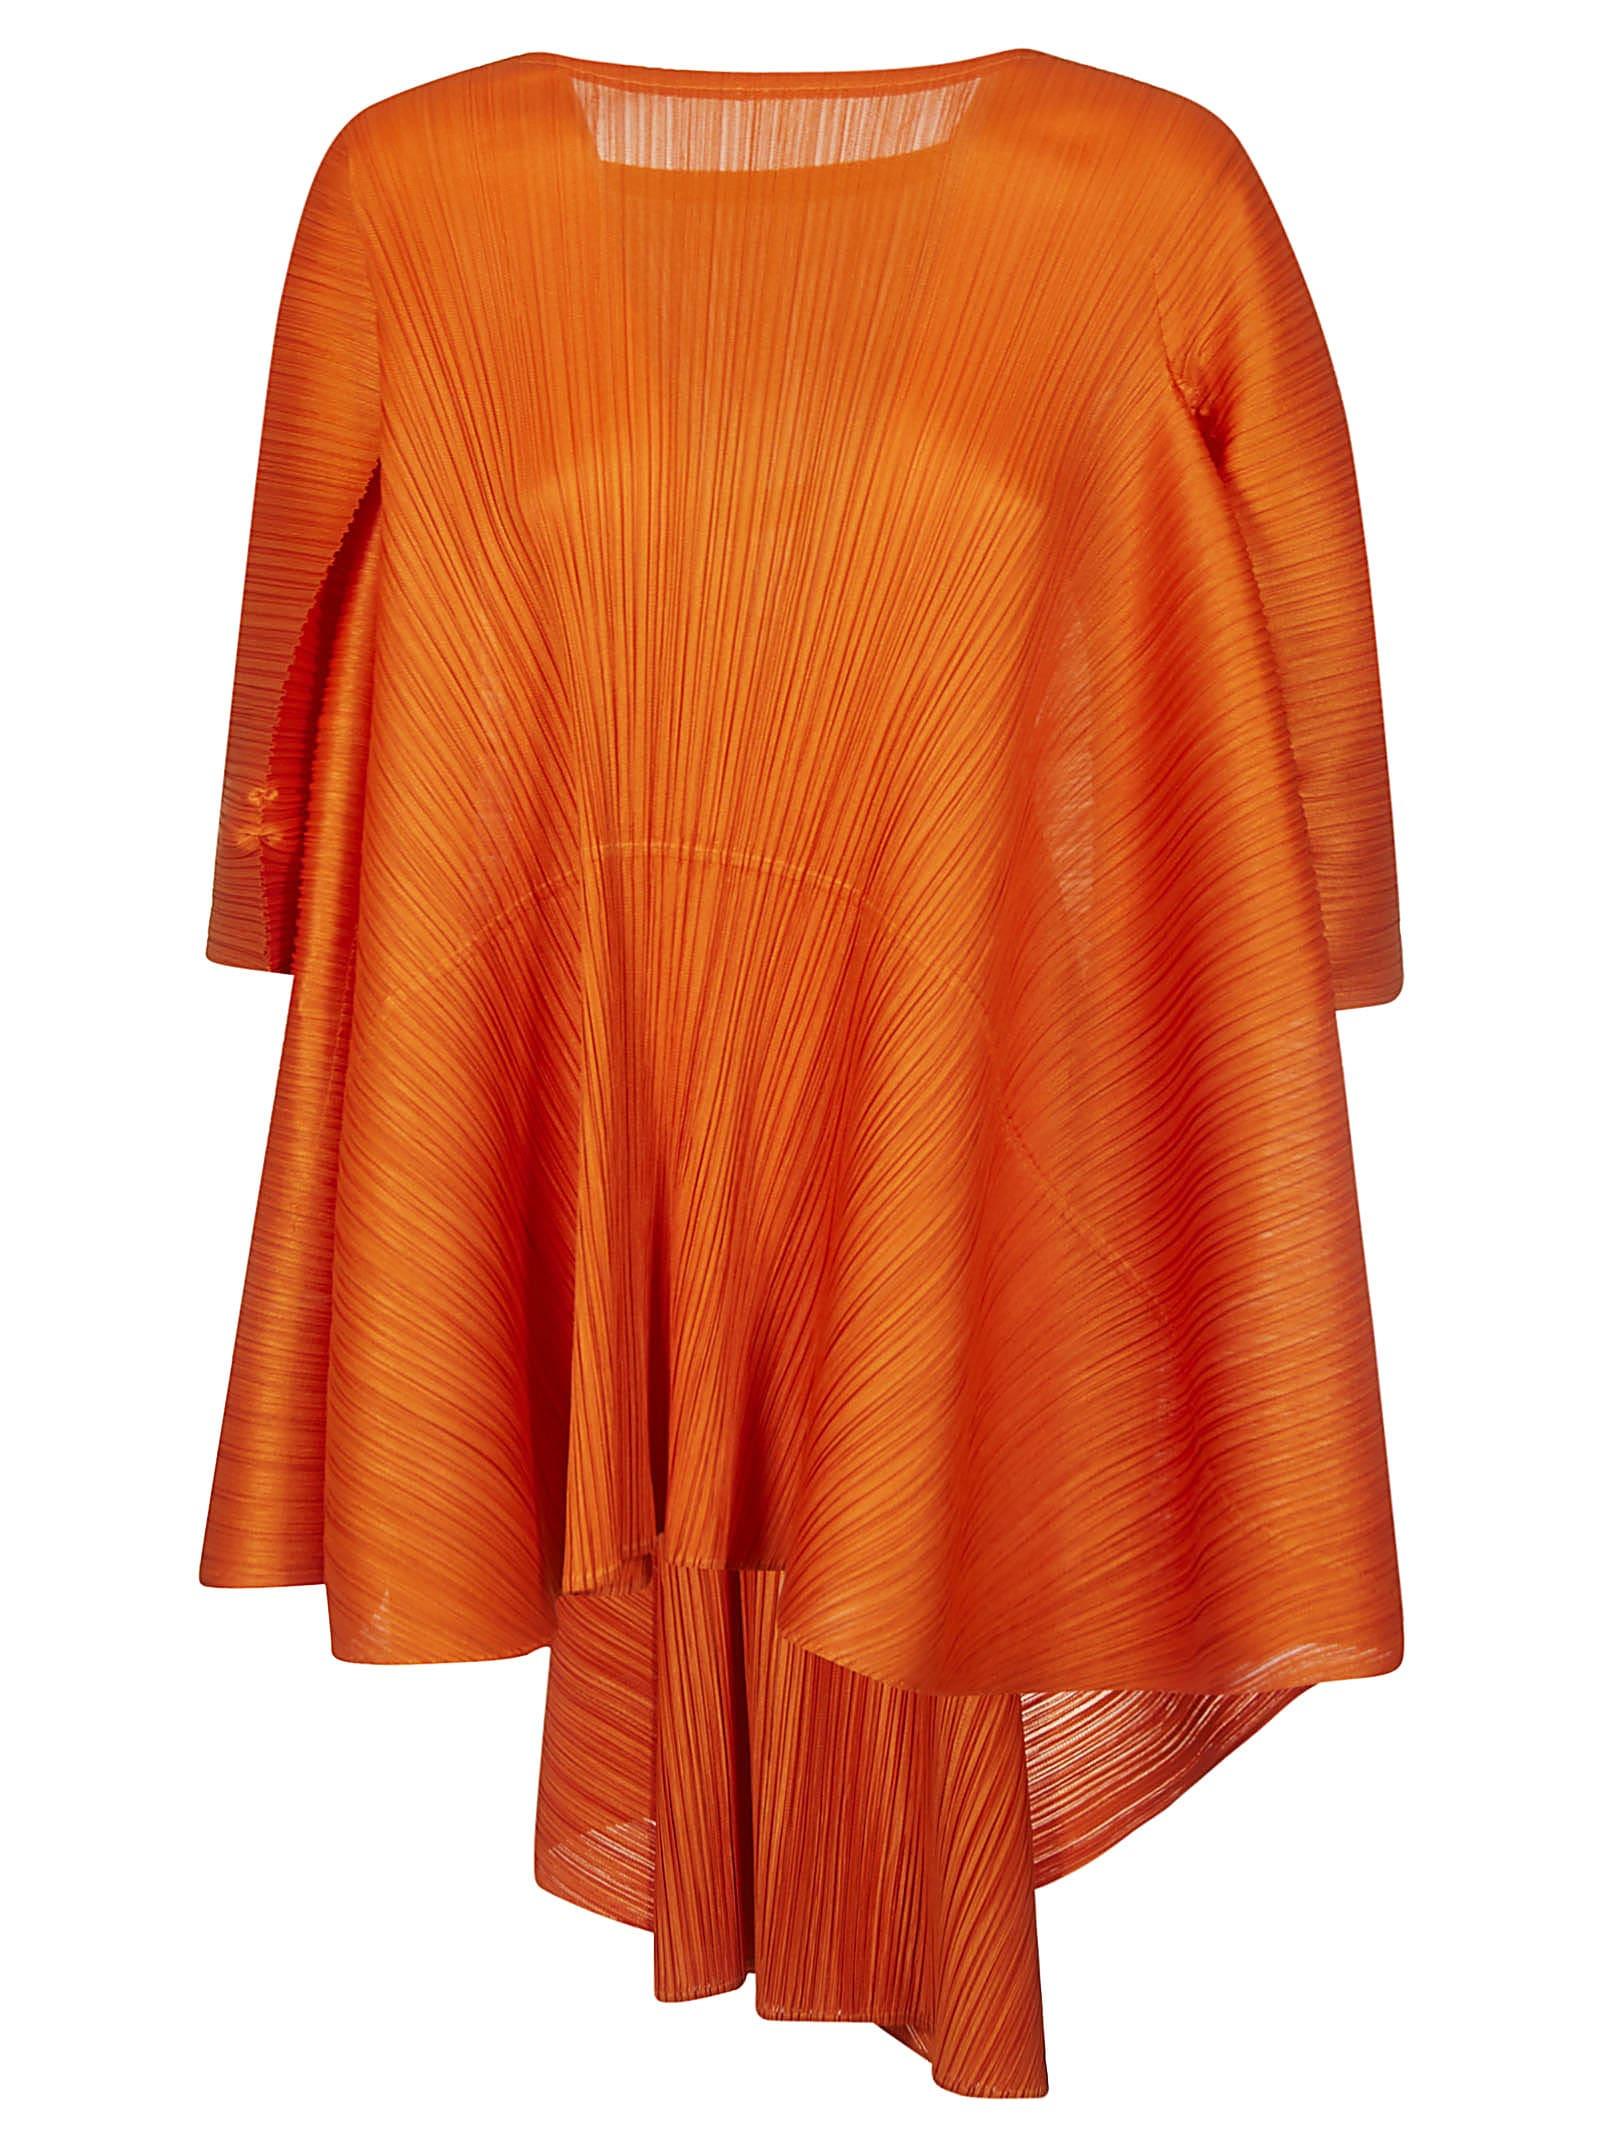 Buy Pleats Please Issey Miyake Pleat Dress online, shop Pleats Please Issey Miyake with free shipping